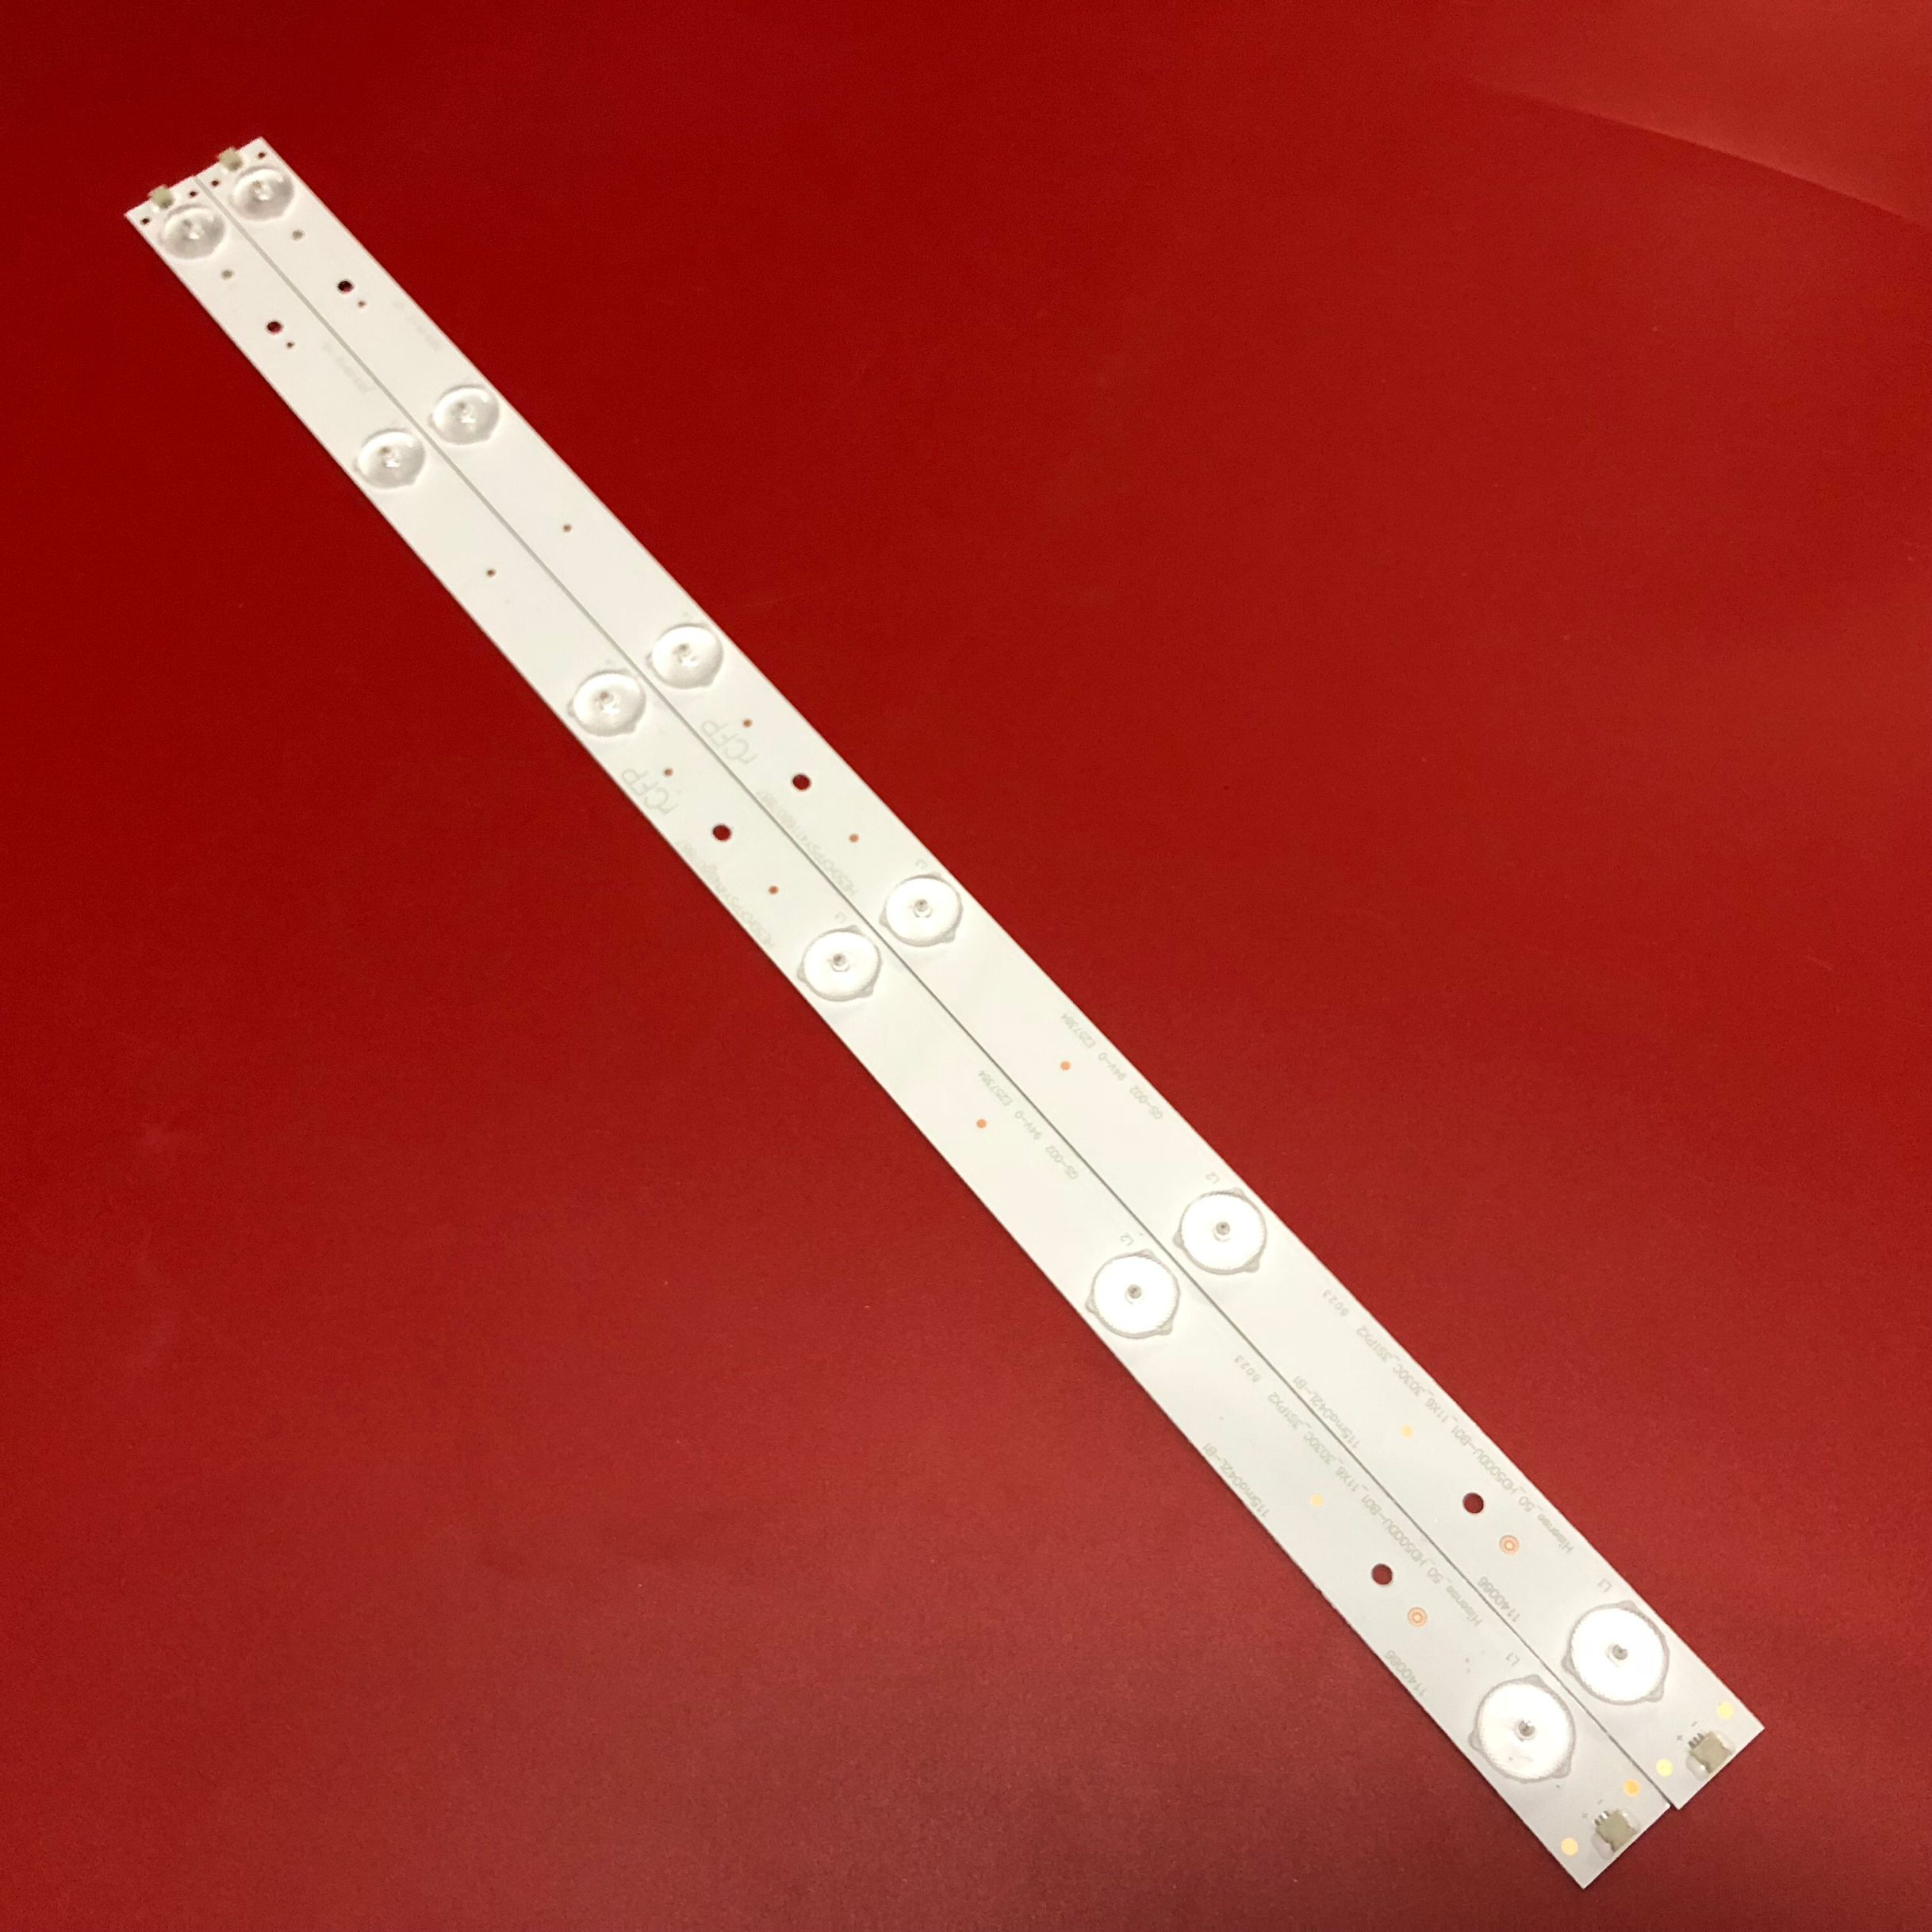 100% NEW CC02320D562V04 For New Led Backlight For 32 Inch Strip LE-8822A SJ.HL.D3200601-2835BS-F 6v 6 Bulb 56 CM